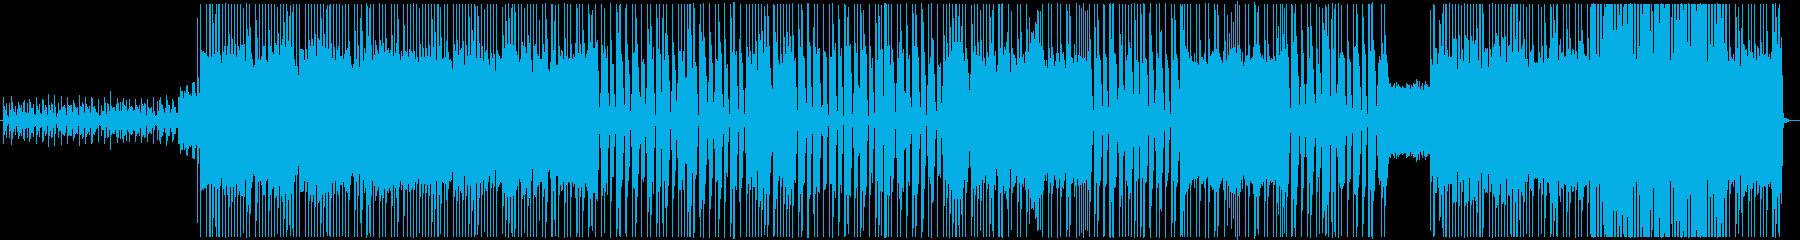 スリリングでハードなメタルバンドの再生済みの波形